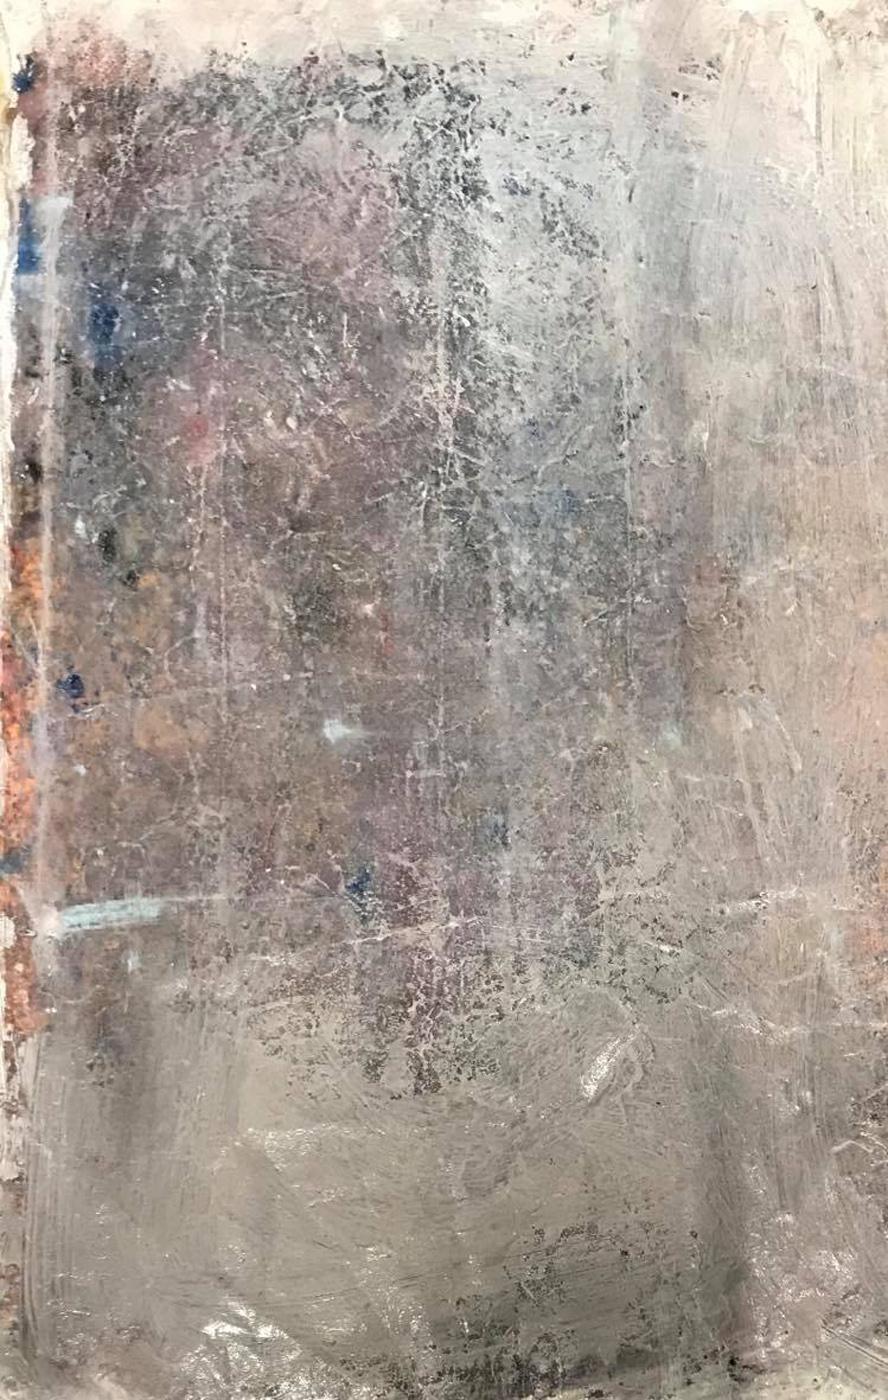 MARC FELD 2020 À PEINE Huile sur papier 100 x 65 cm